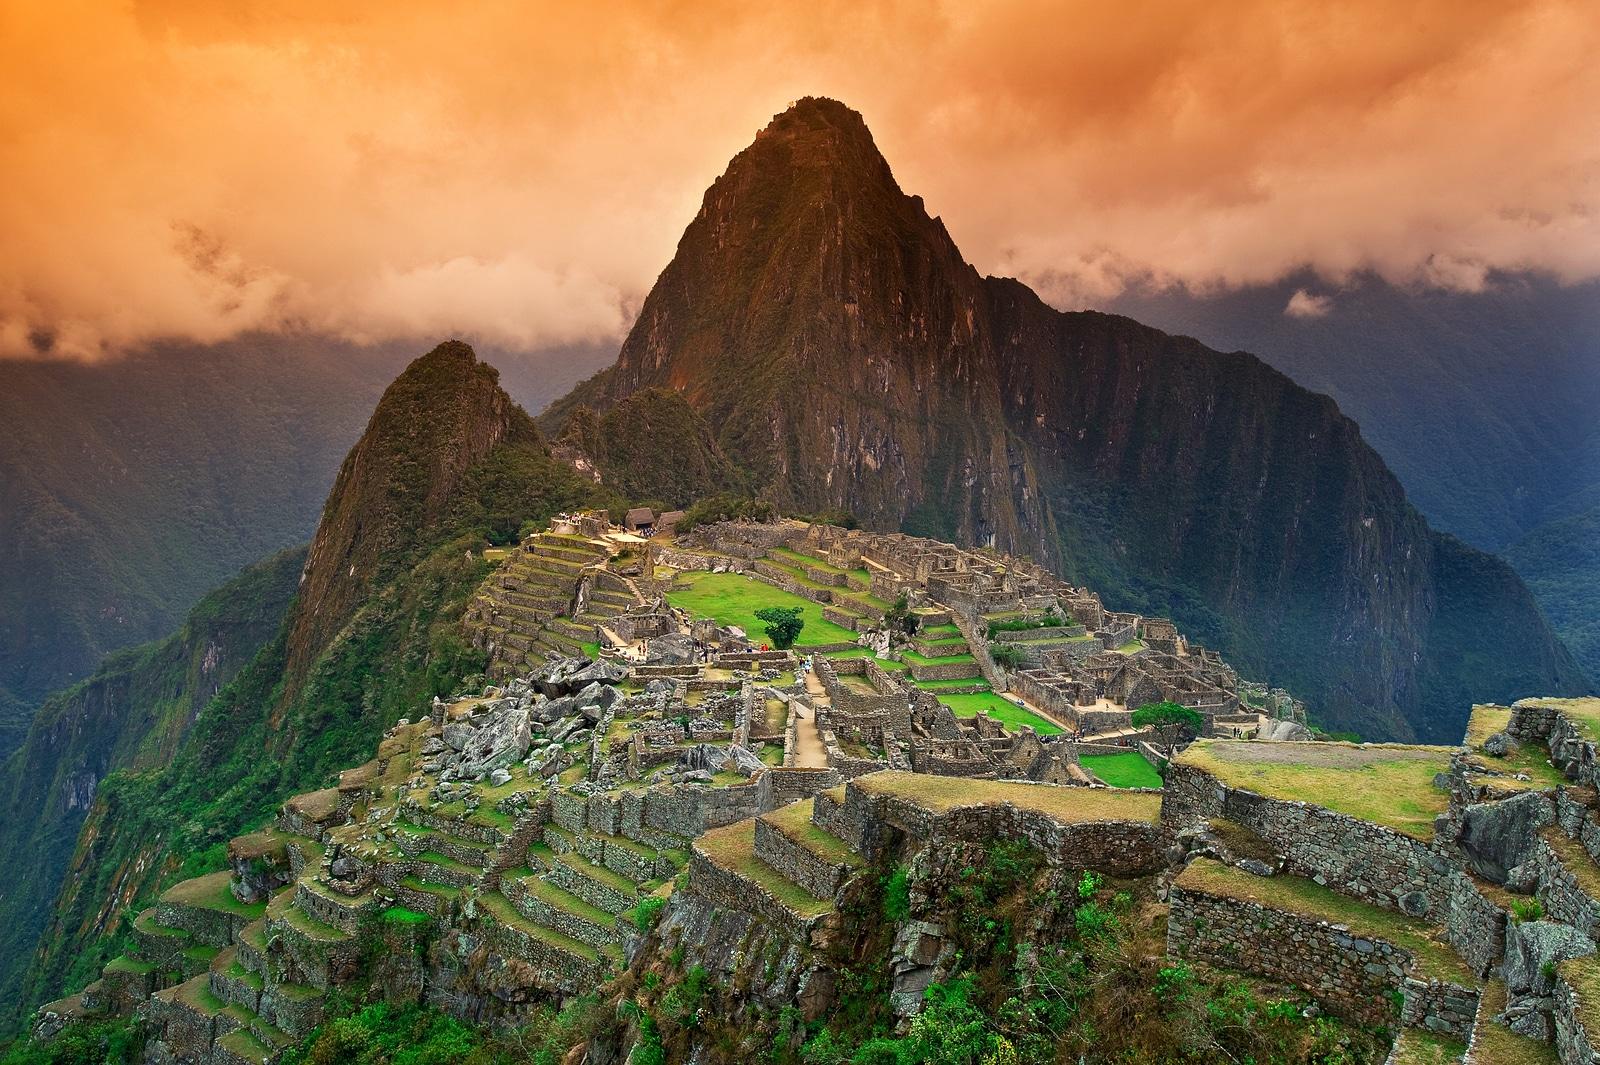 Vista da cidade inca perdida de Machu Picchu, perto de Cusco, no Peru.